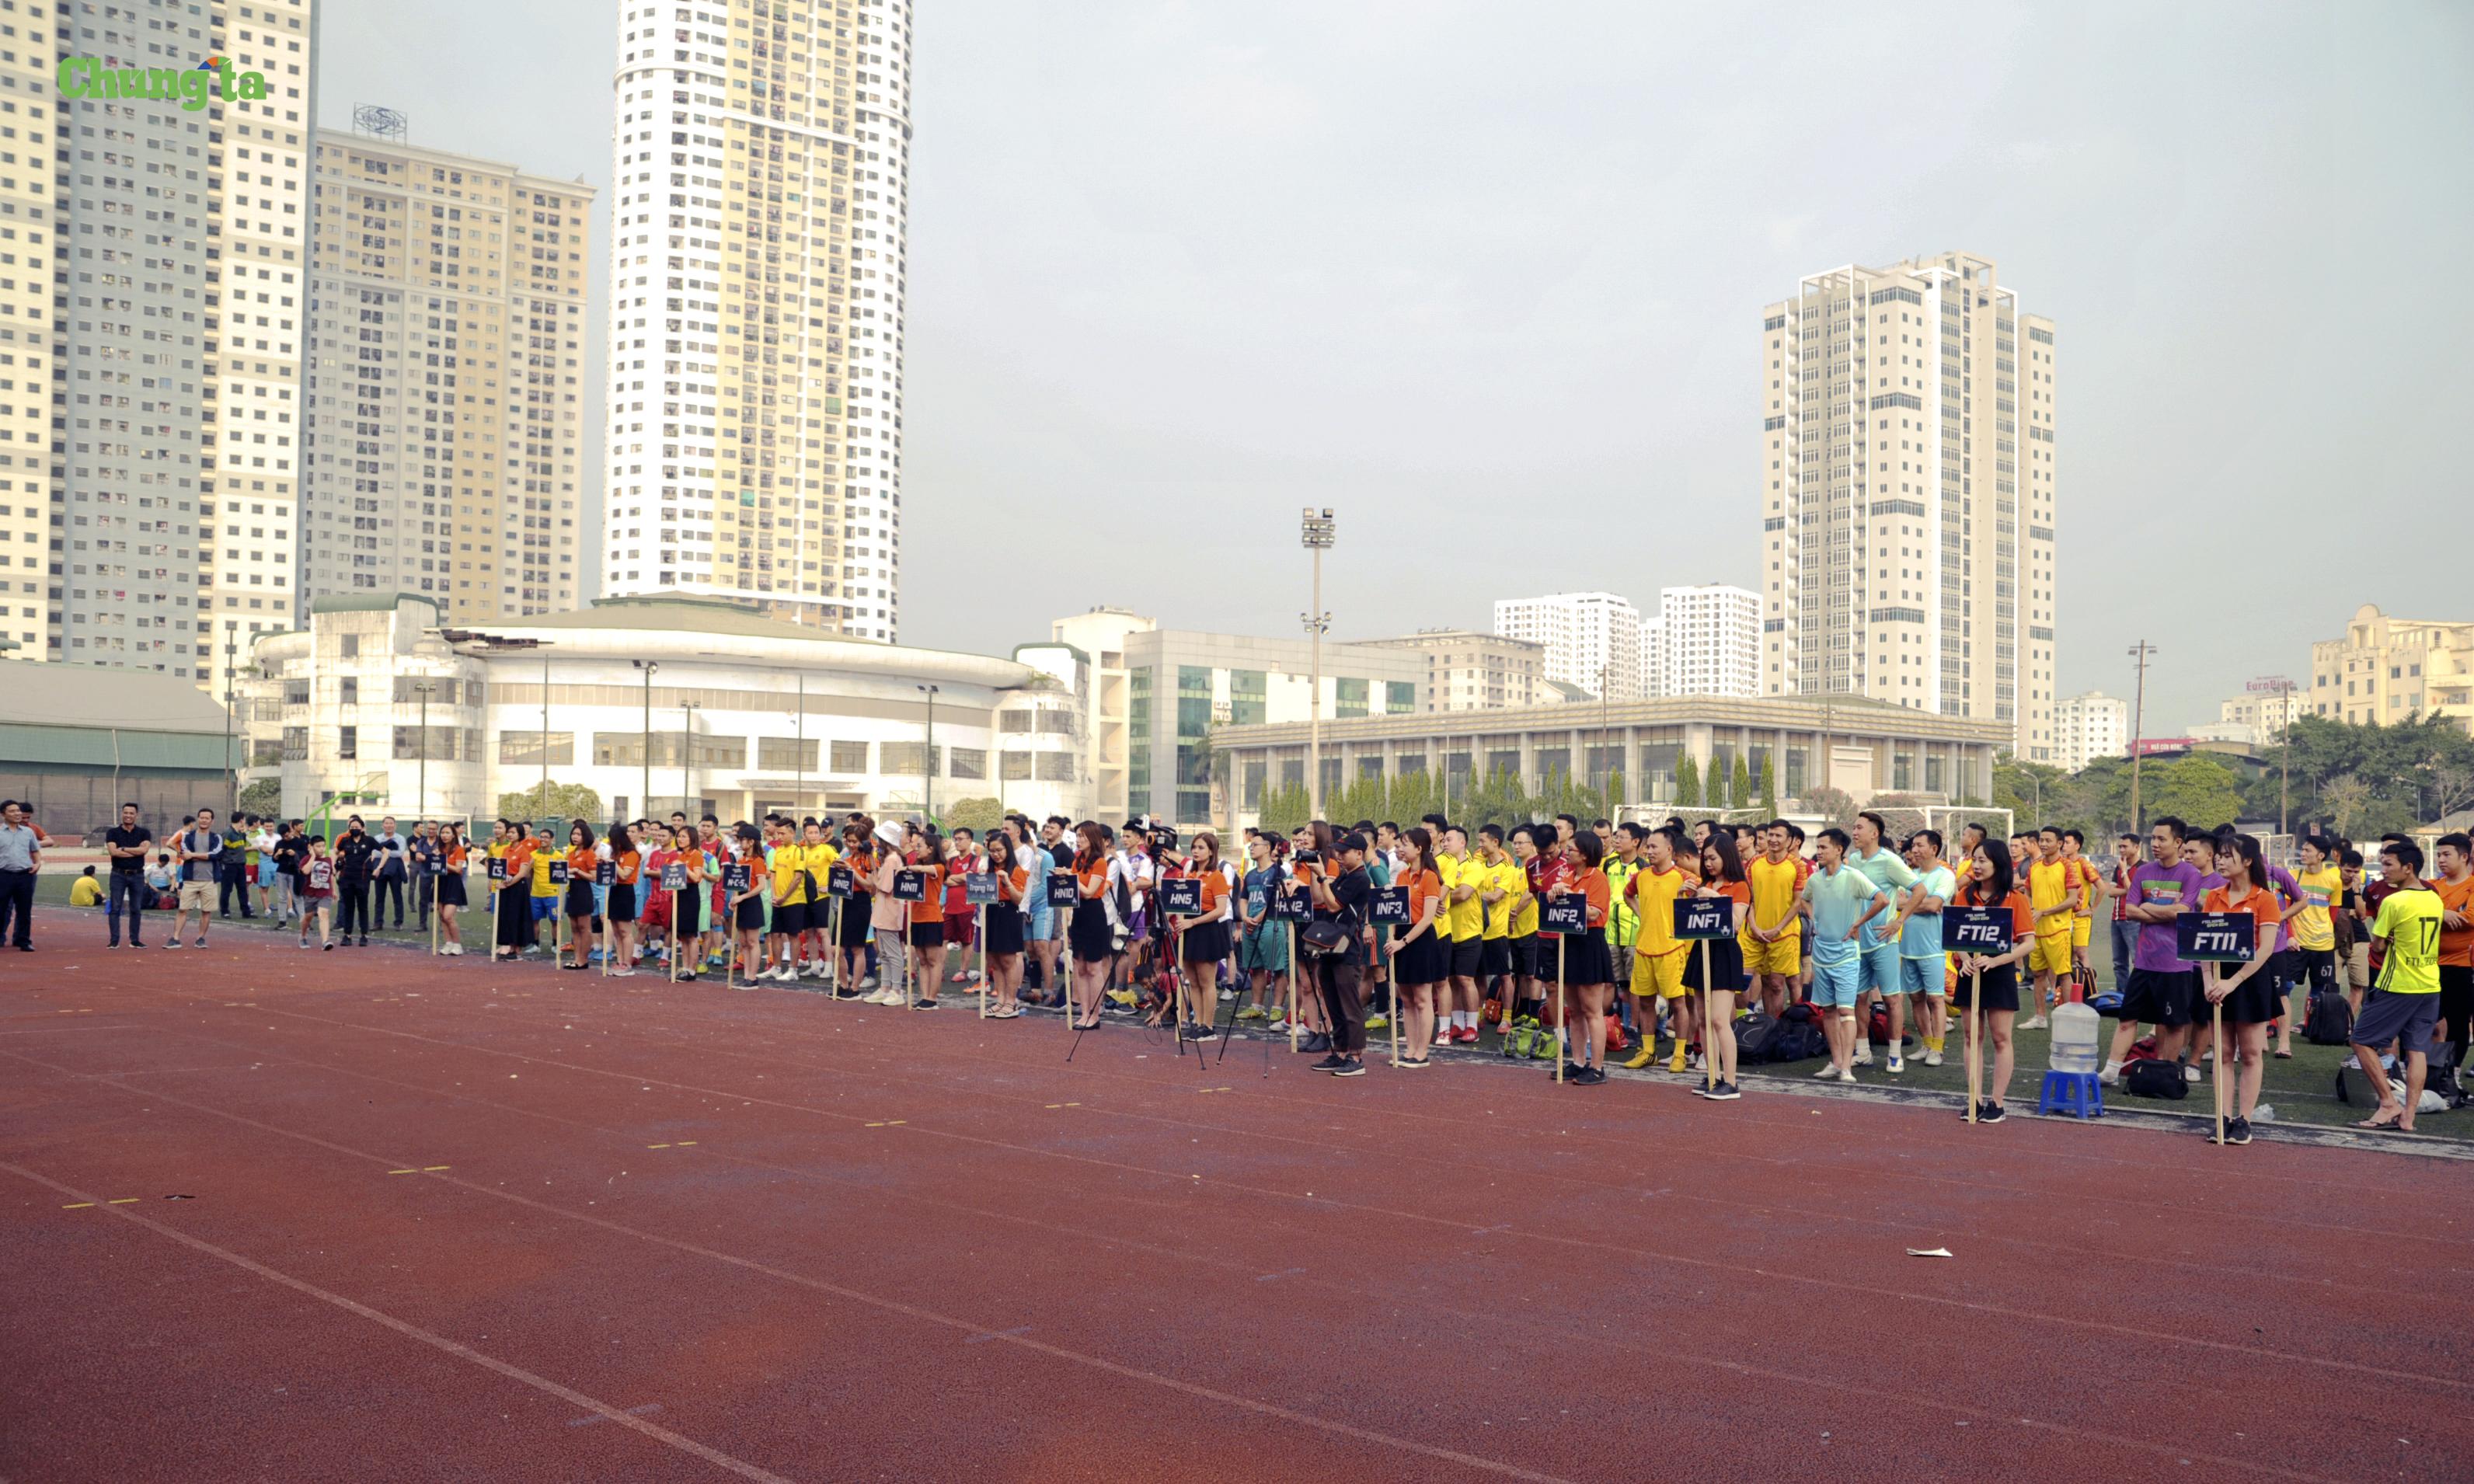 Gần 200 cầu thủ của 16 đội đến từ các đơn vị, phòng, ban của FPT Telecom tham gia cùng nhiều khán giả và lãnh đạo của nhà 'Cáo' đã đến dự, cổ vũ.